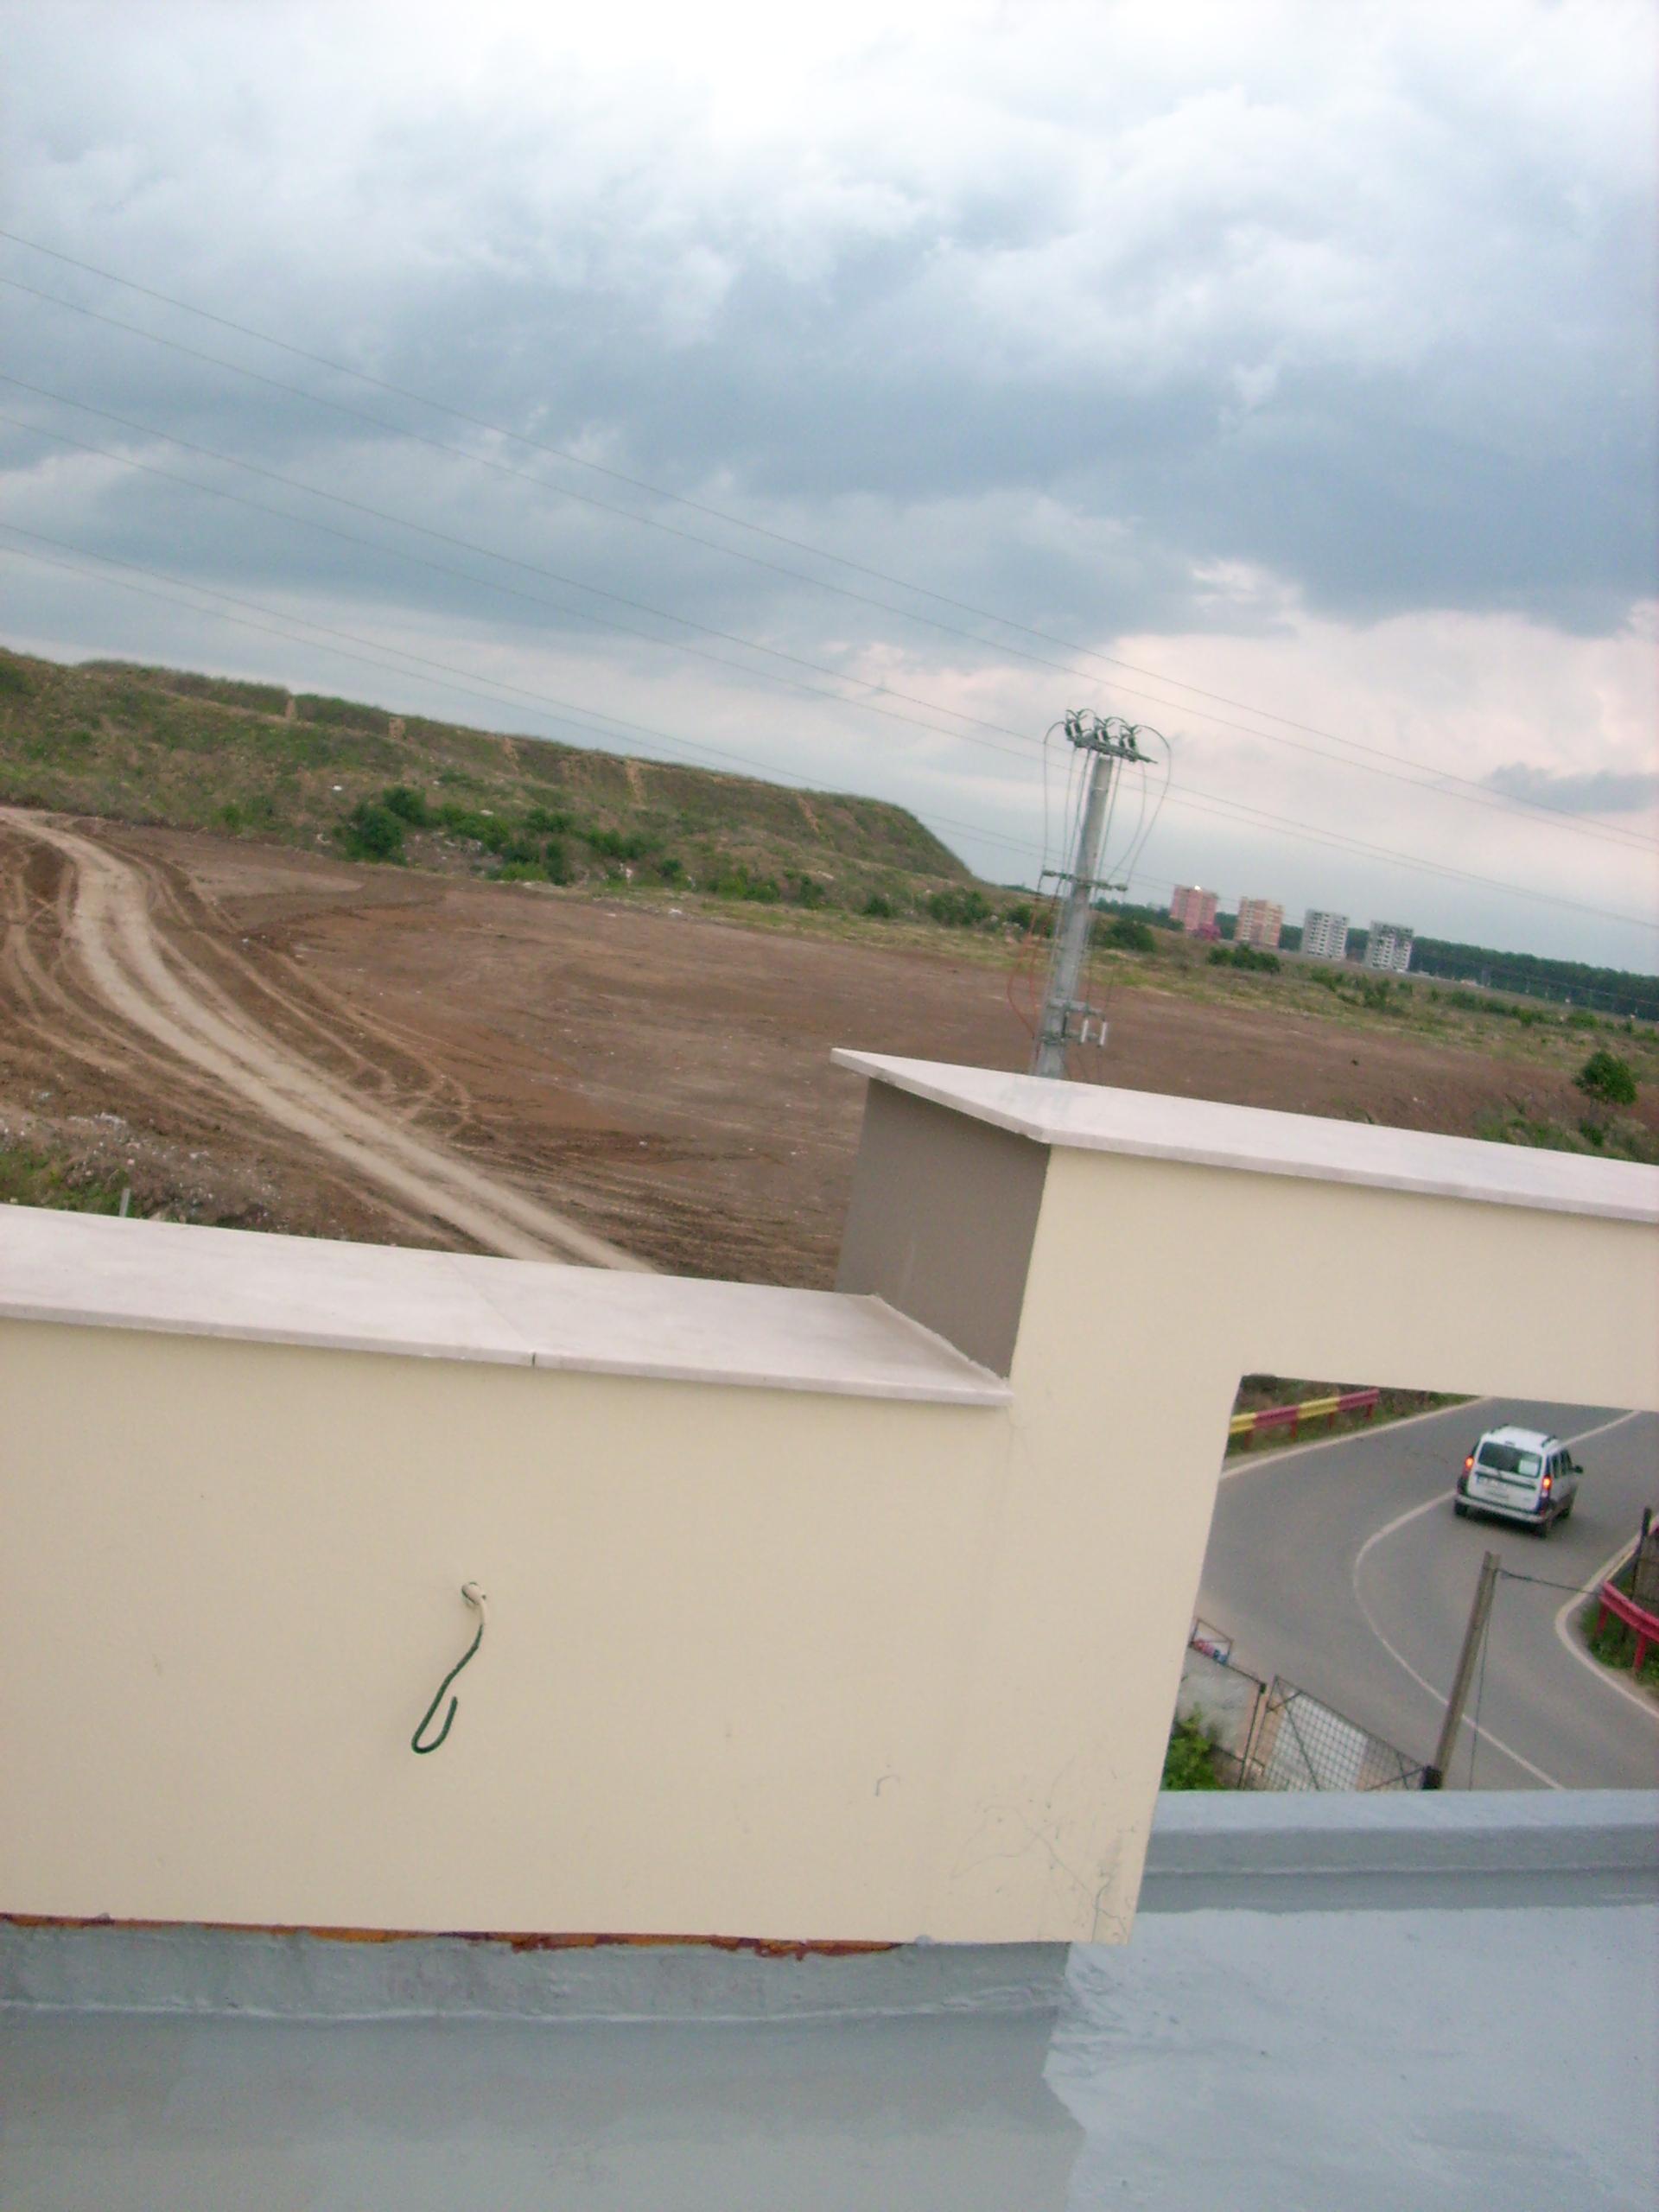 Aplicarea tratamentelor de impermeabilizare - Vila persoana privata - Pipera UNICO PROFIT - Poza 40